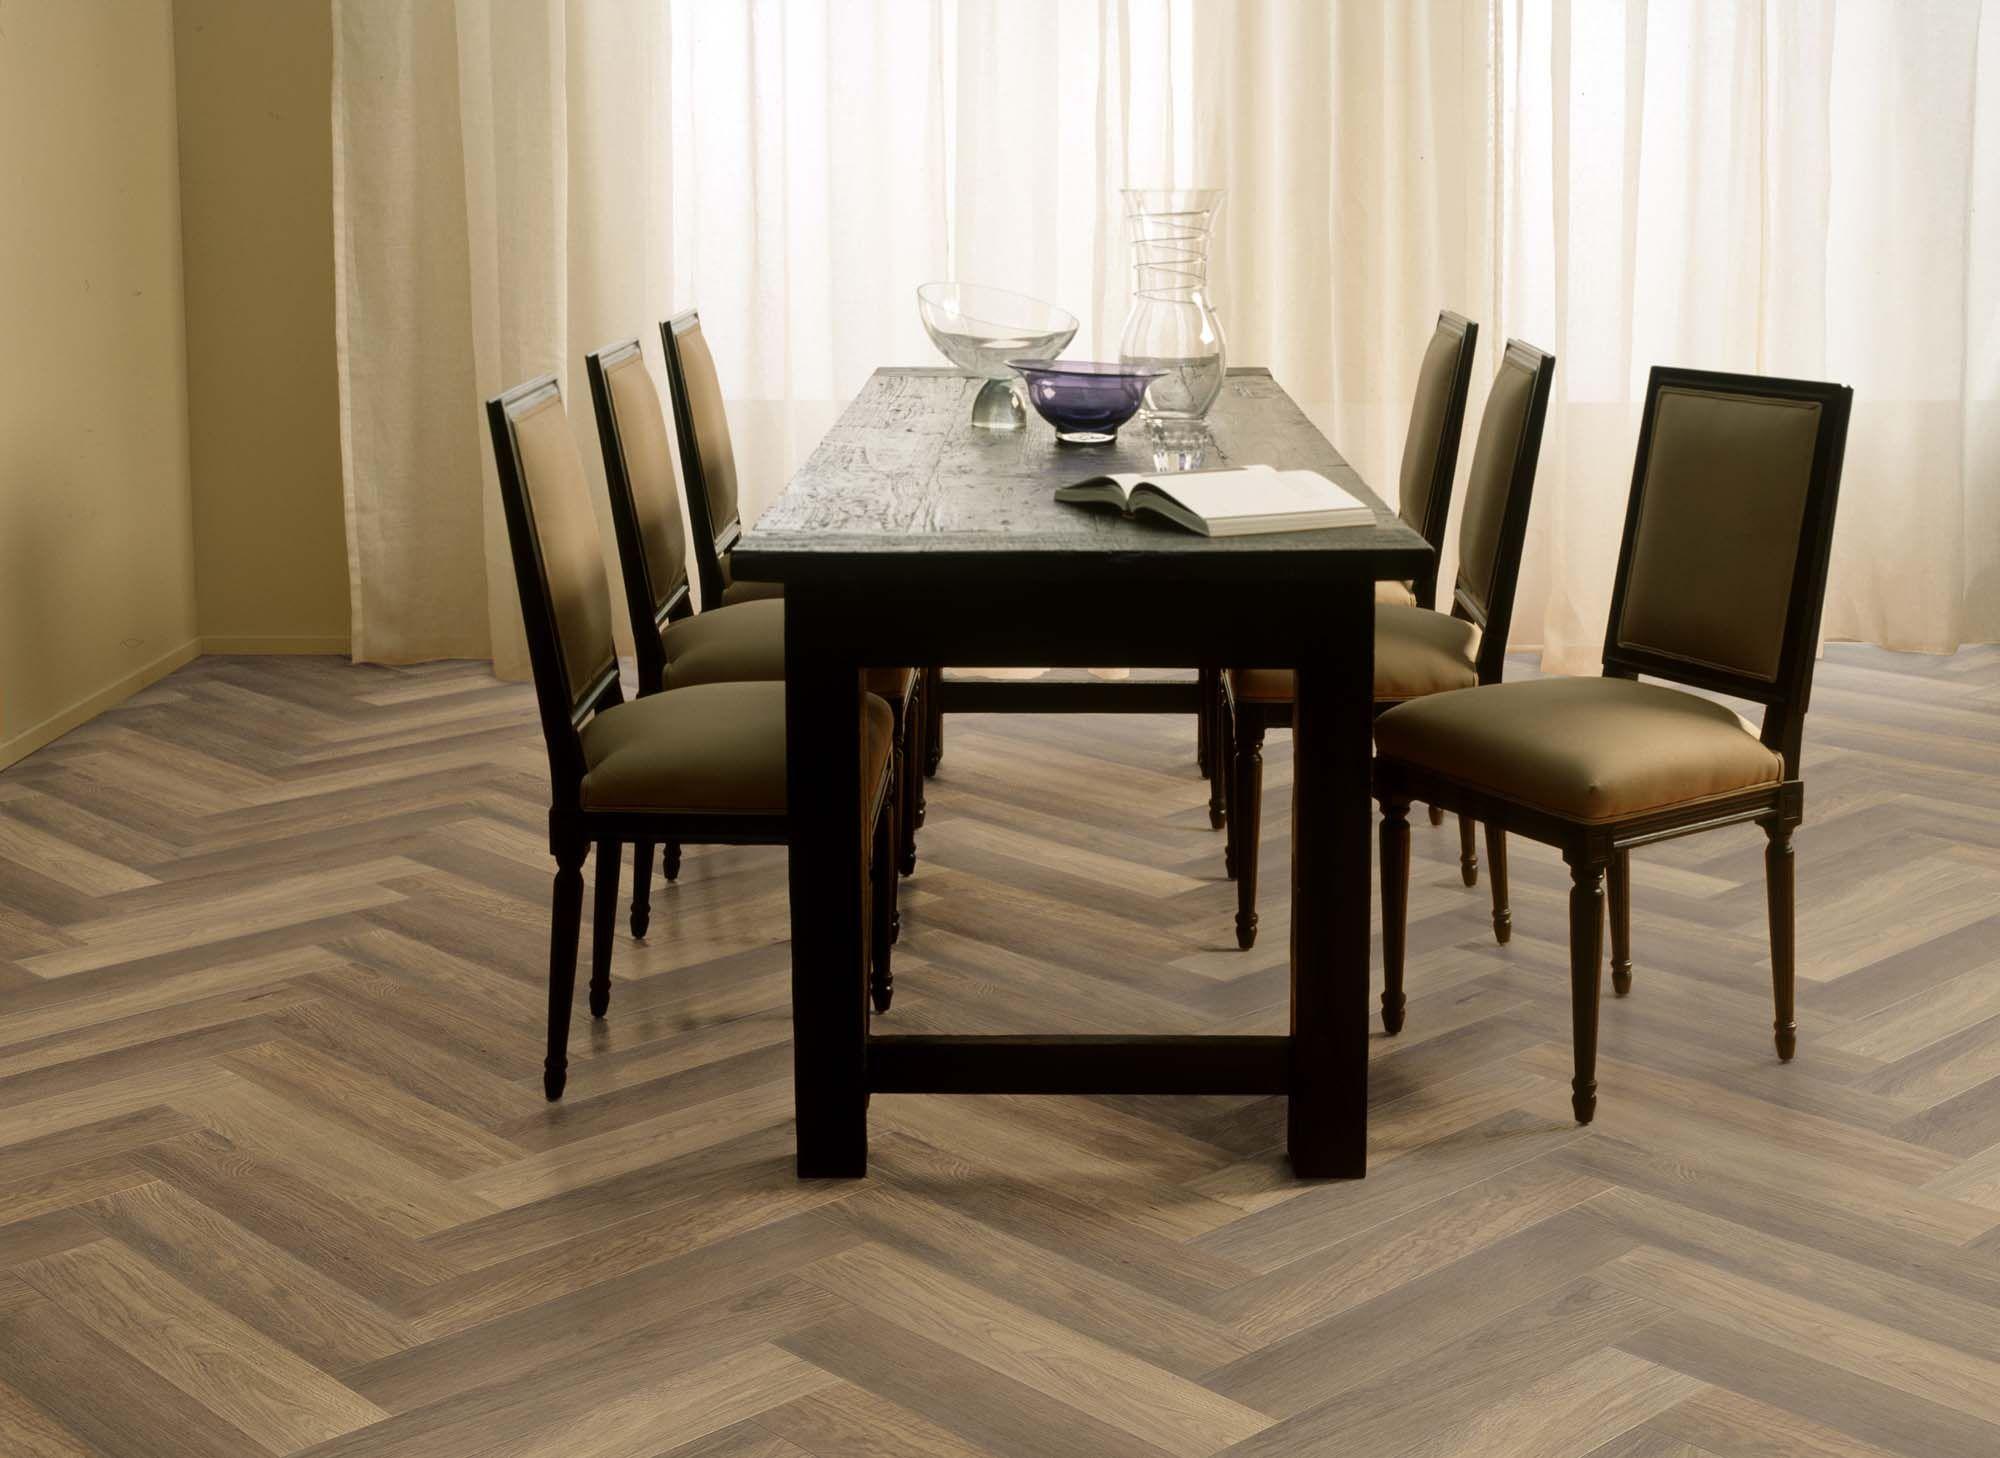 Houten Vloeren Breda : Almaparket vloeren breda houten vloer in een klassiek